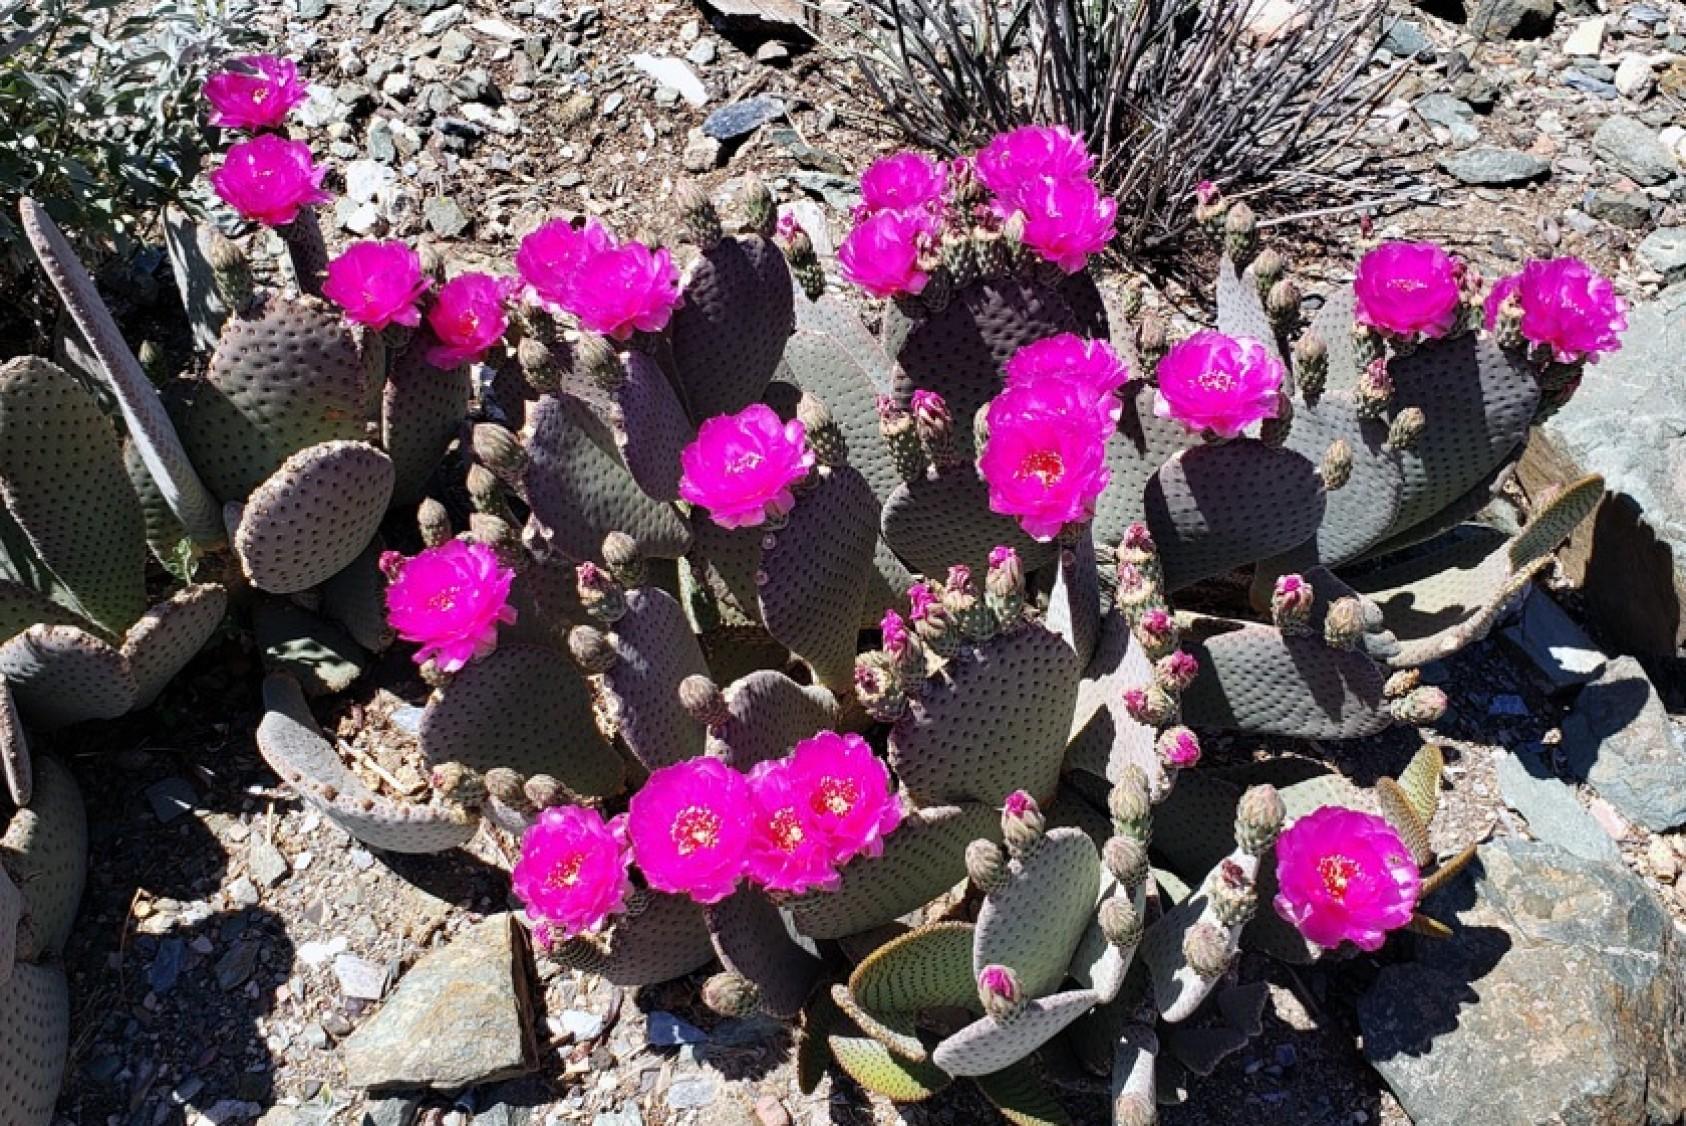 Echinocereus coccineus, one of many hedgehog cacti